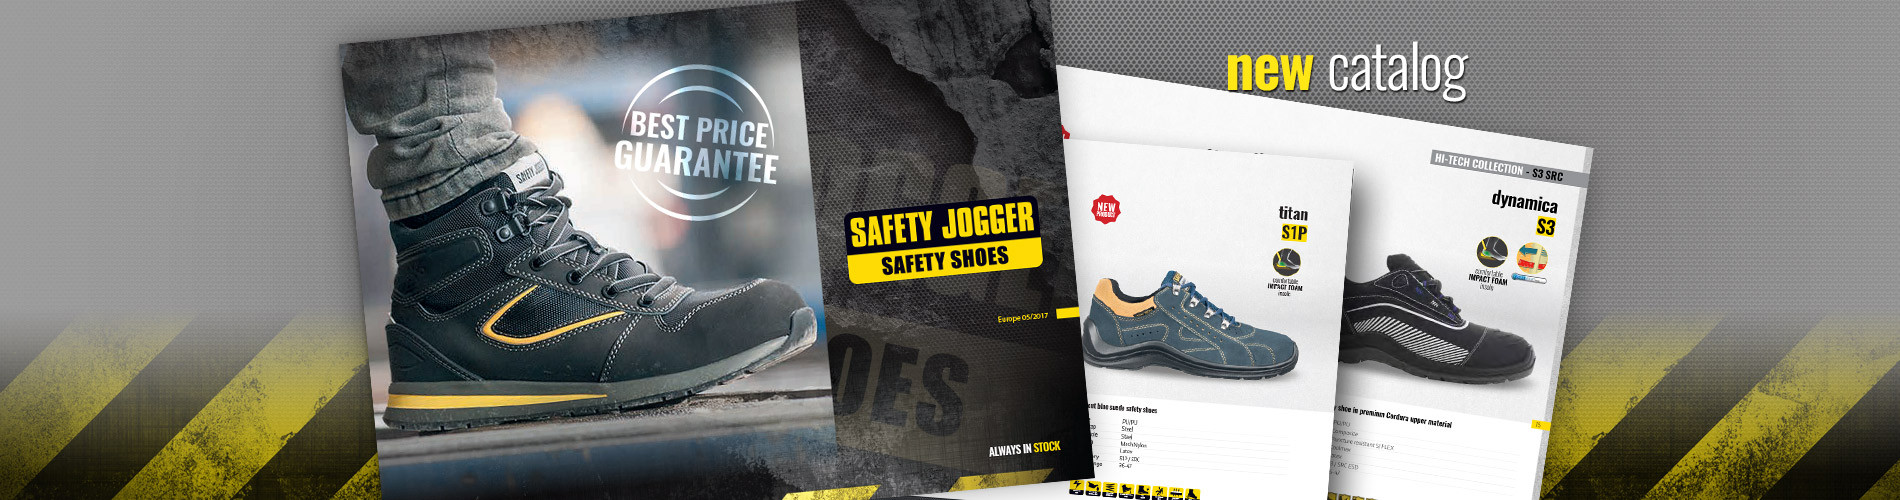 Prohlédněte si katalog pracovní obuvi SAFETY JOGGER.